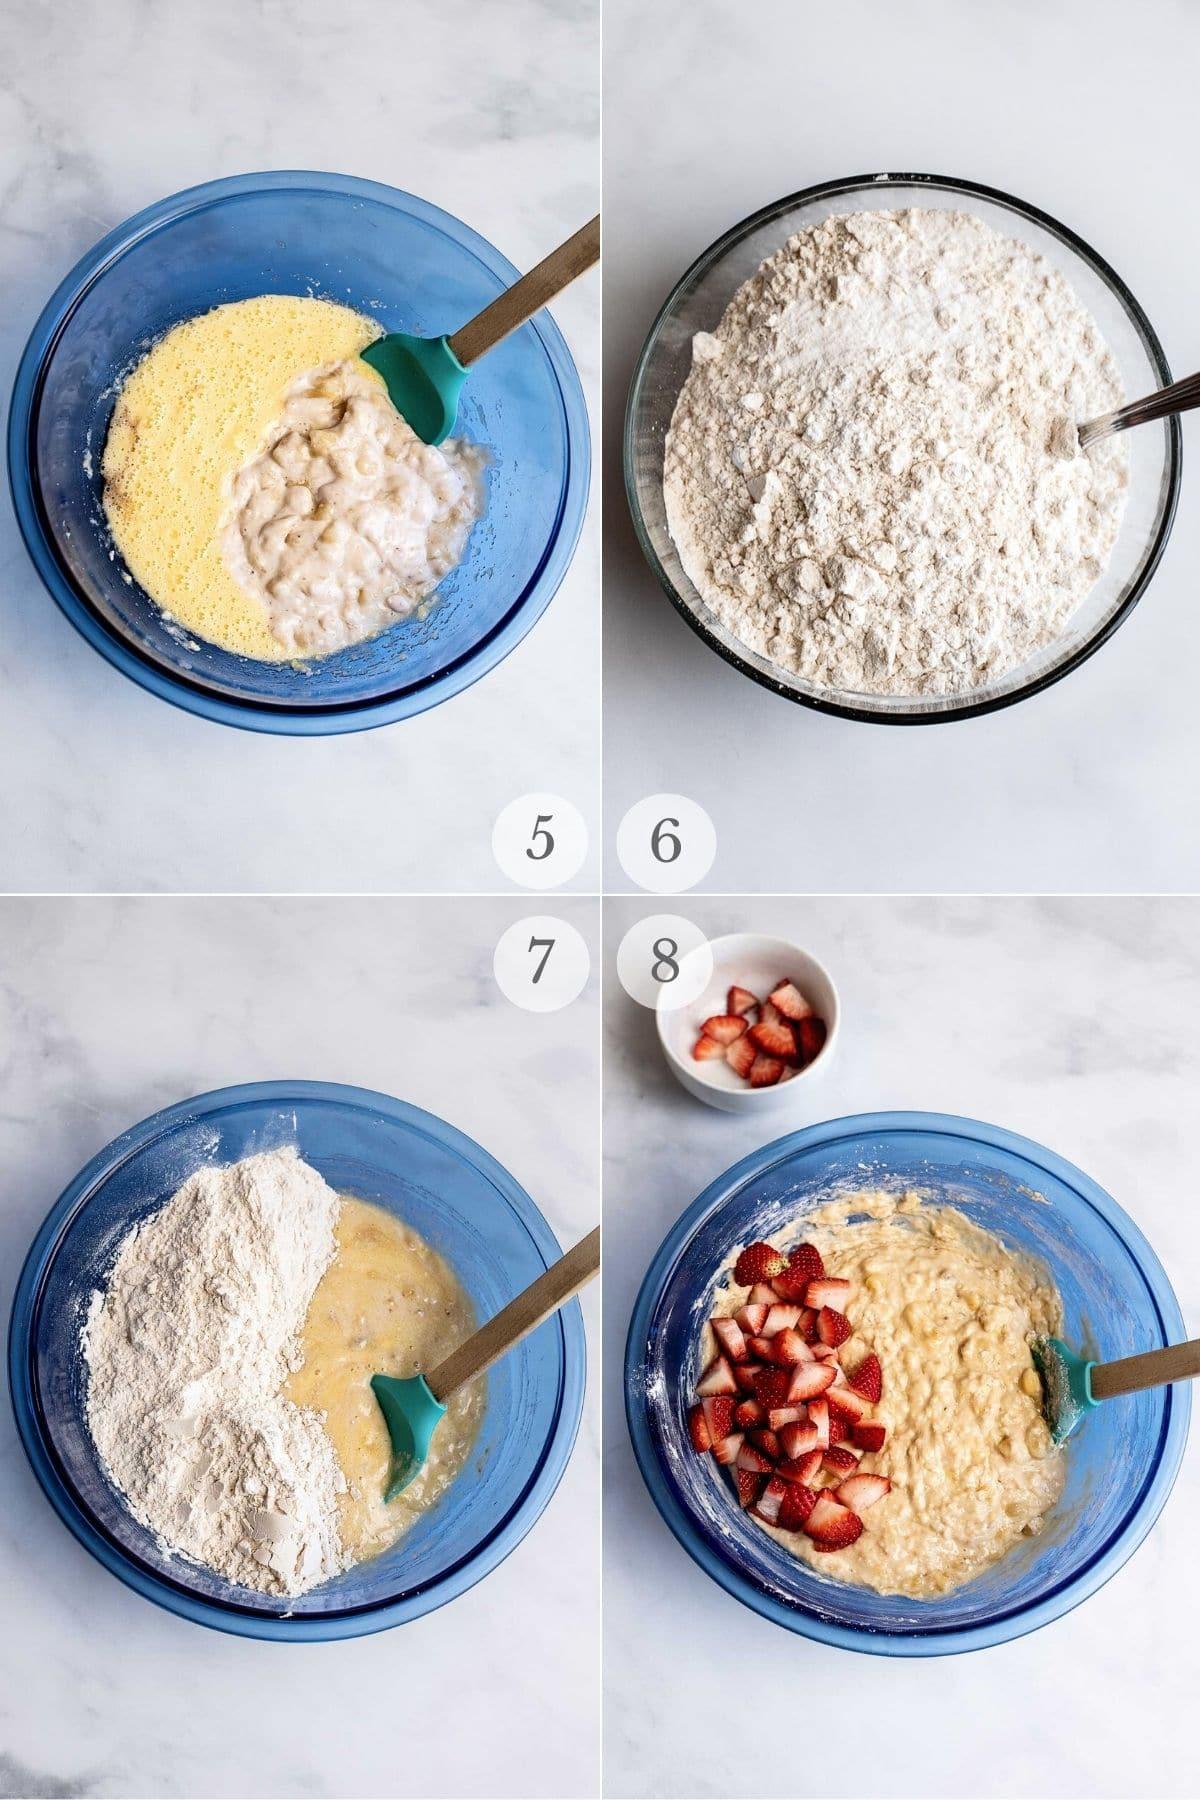 strawberry banana bread recipe steps 5-8